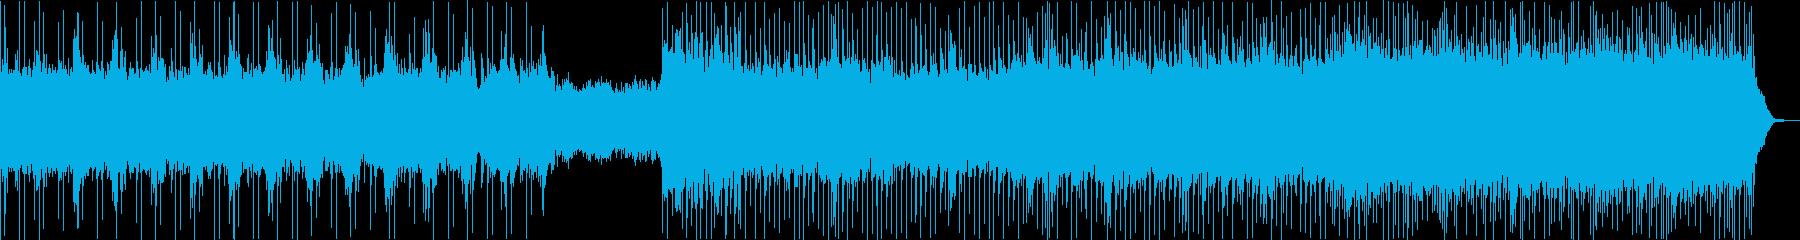 この曲は、ドラム、エレキギター、ベ...の再生済みの波形